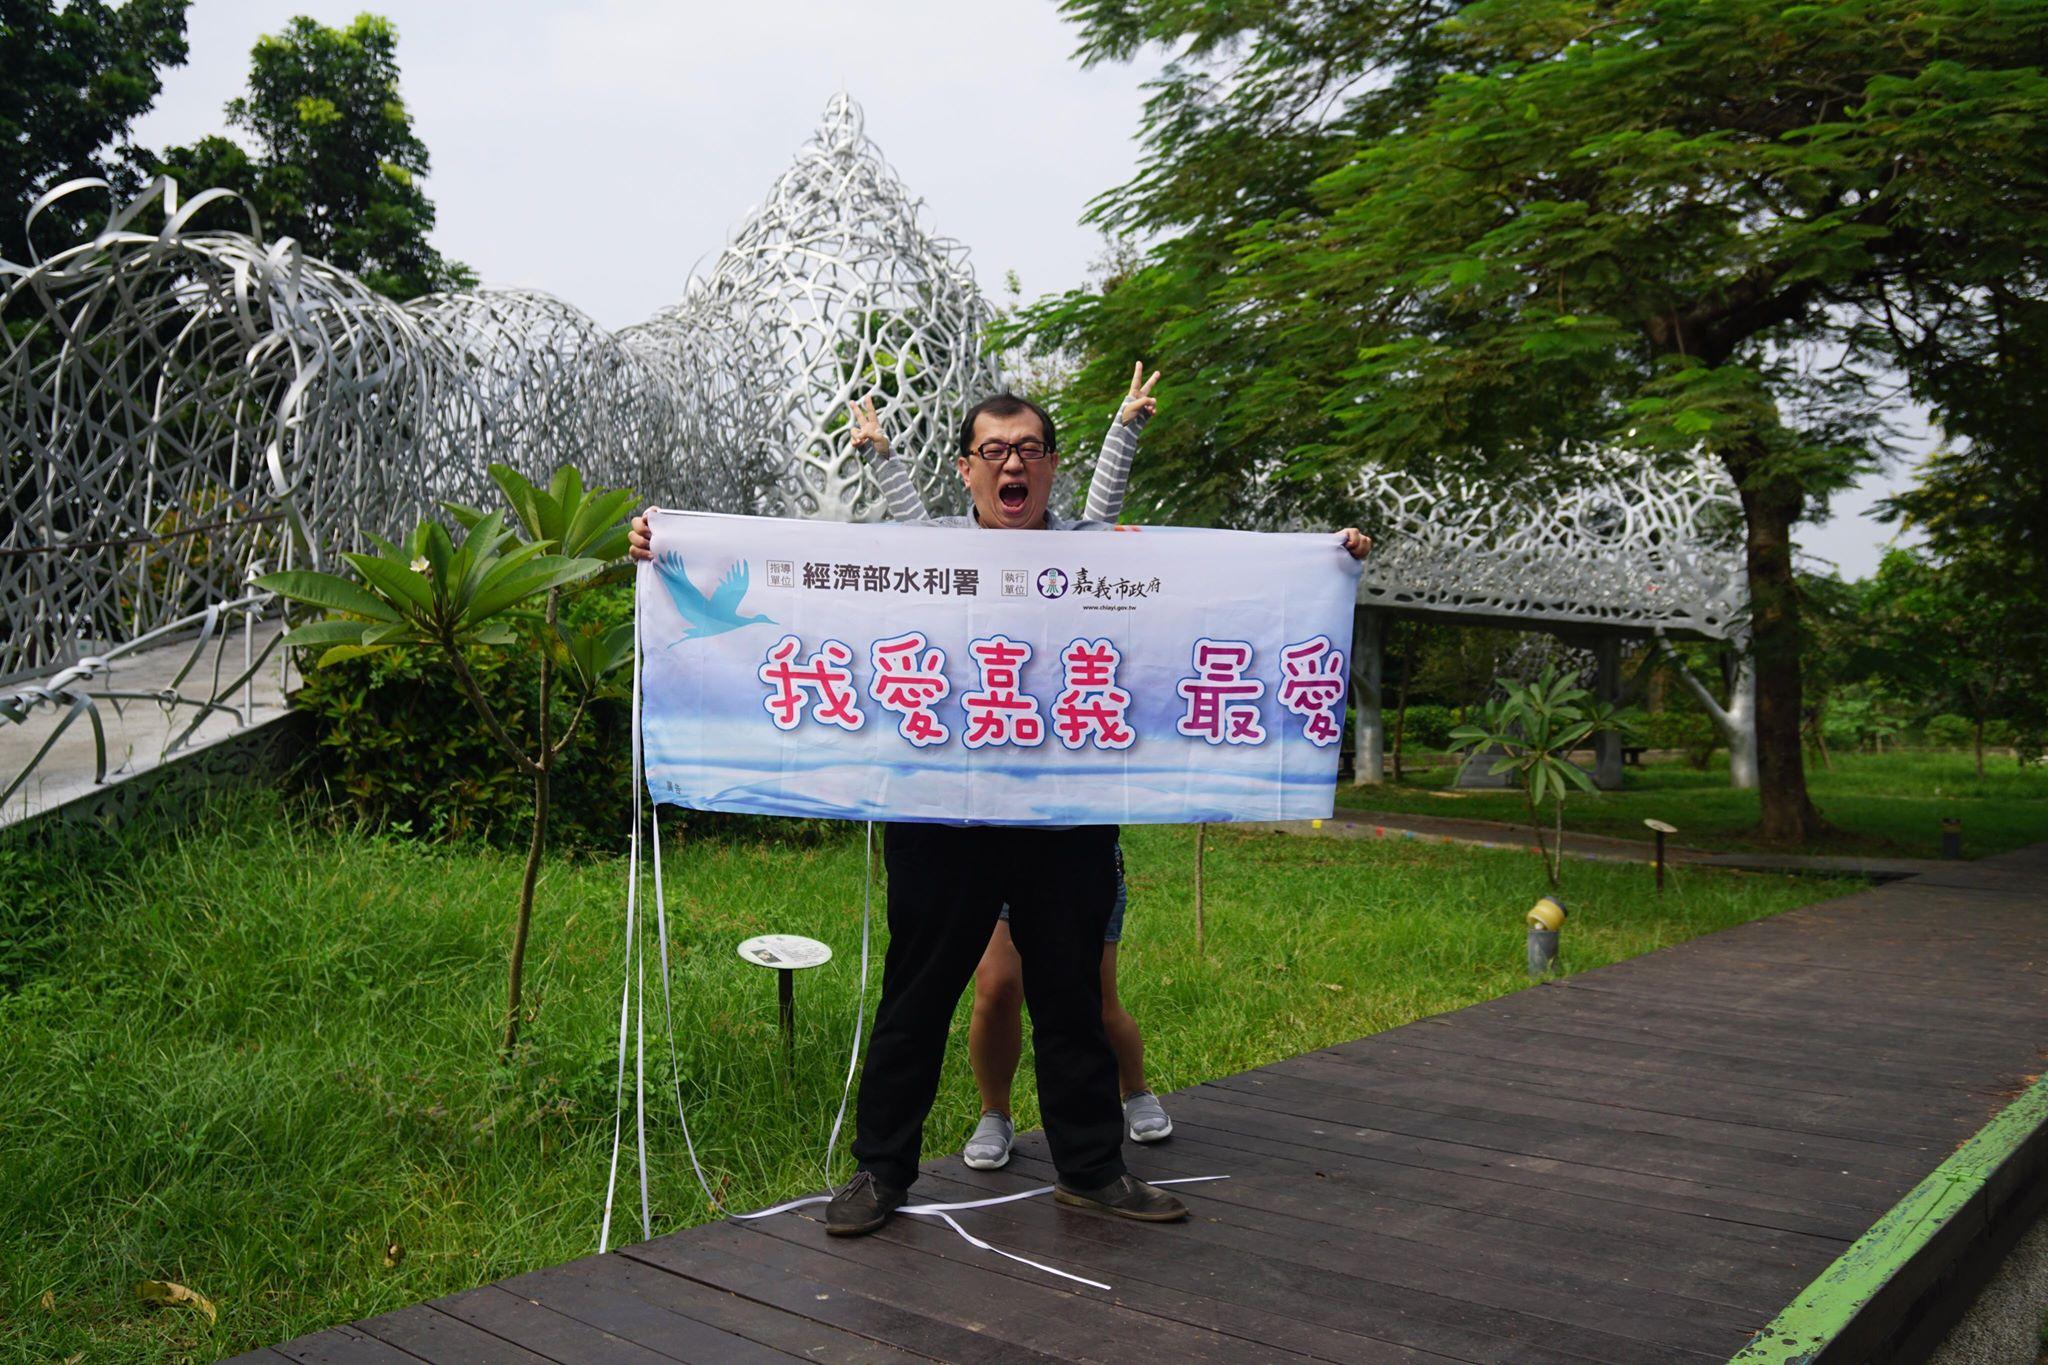 嘉義澎湖山海戀 | 4天3夜行程總整理,原來嘉義到澎湖只要15分鐘!